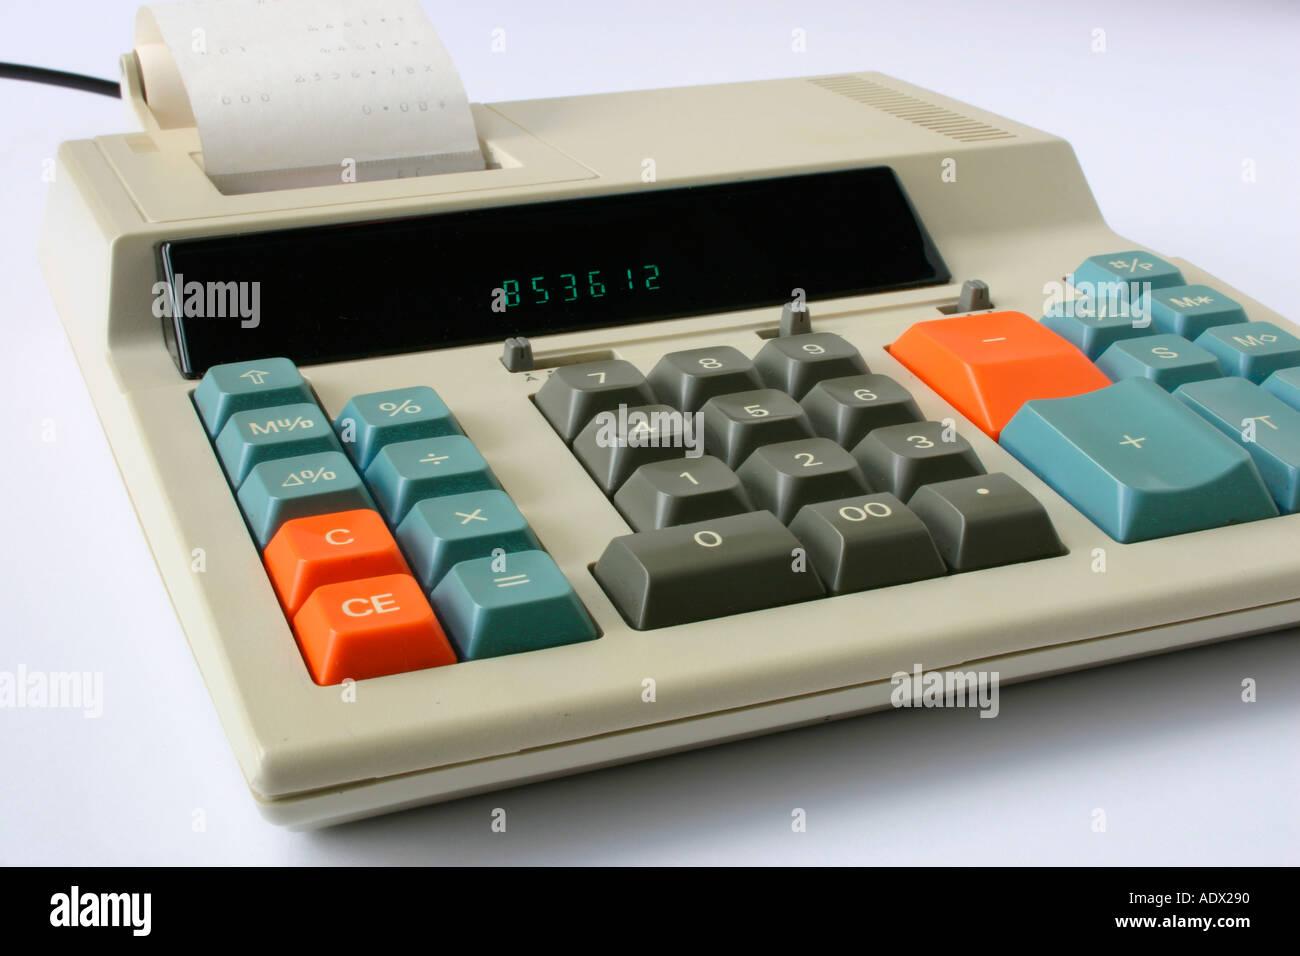 Un calculateur électronique des années 1980 à l'aide d'un rouleau de papier imprimé. Photo Stock